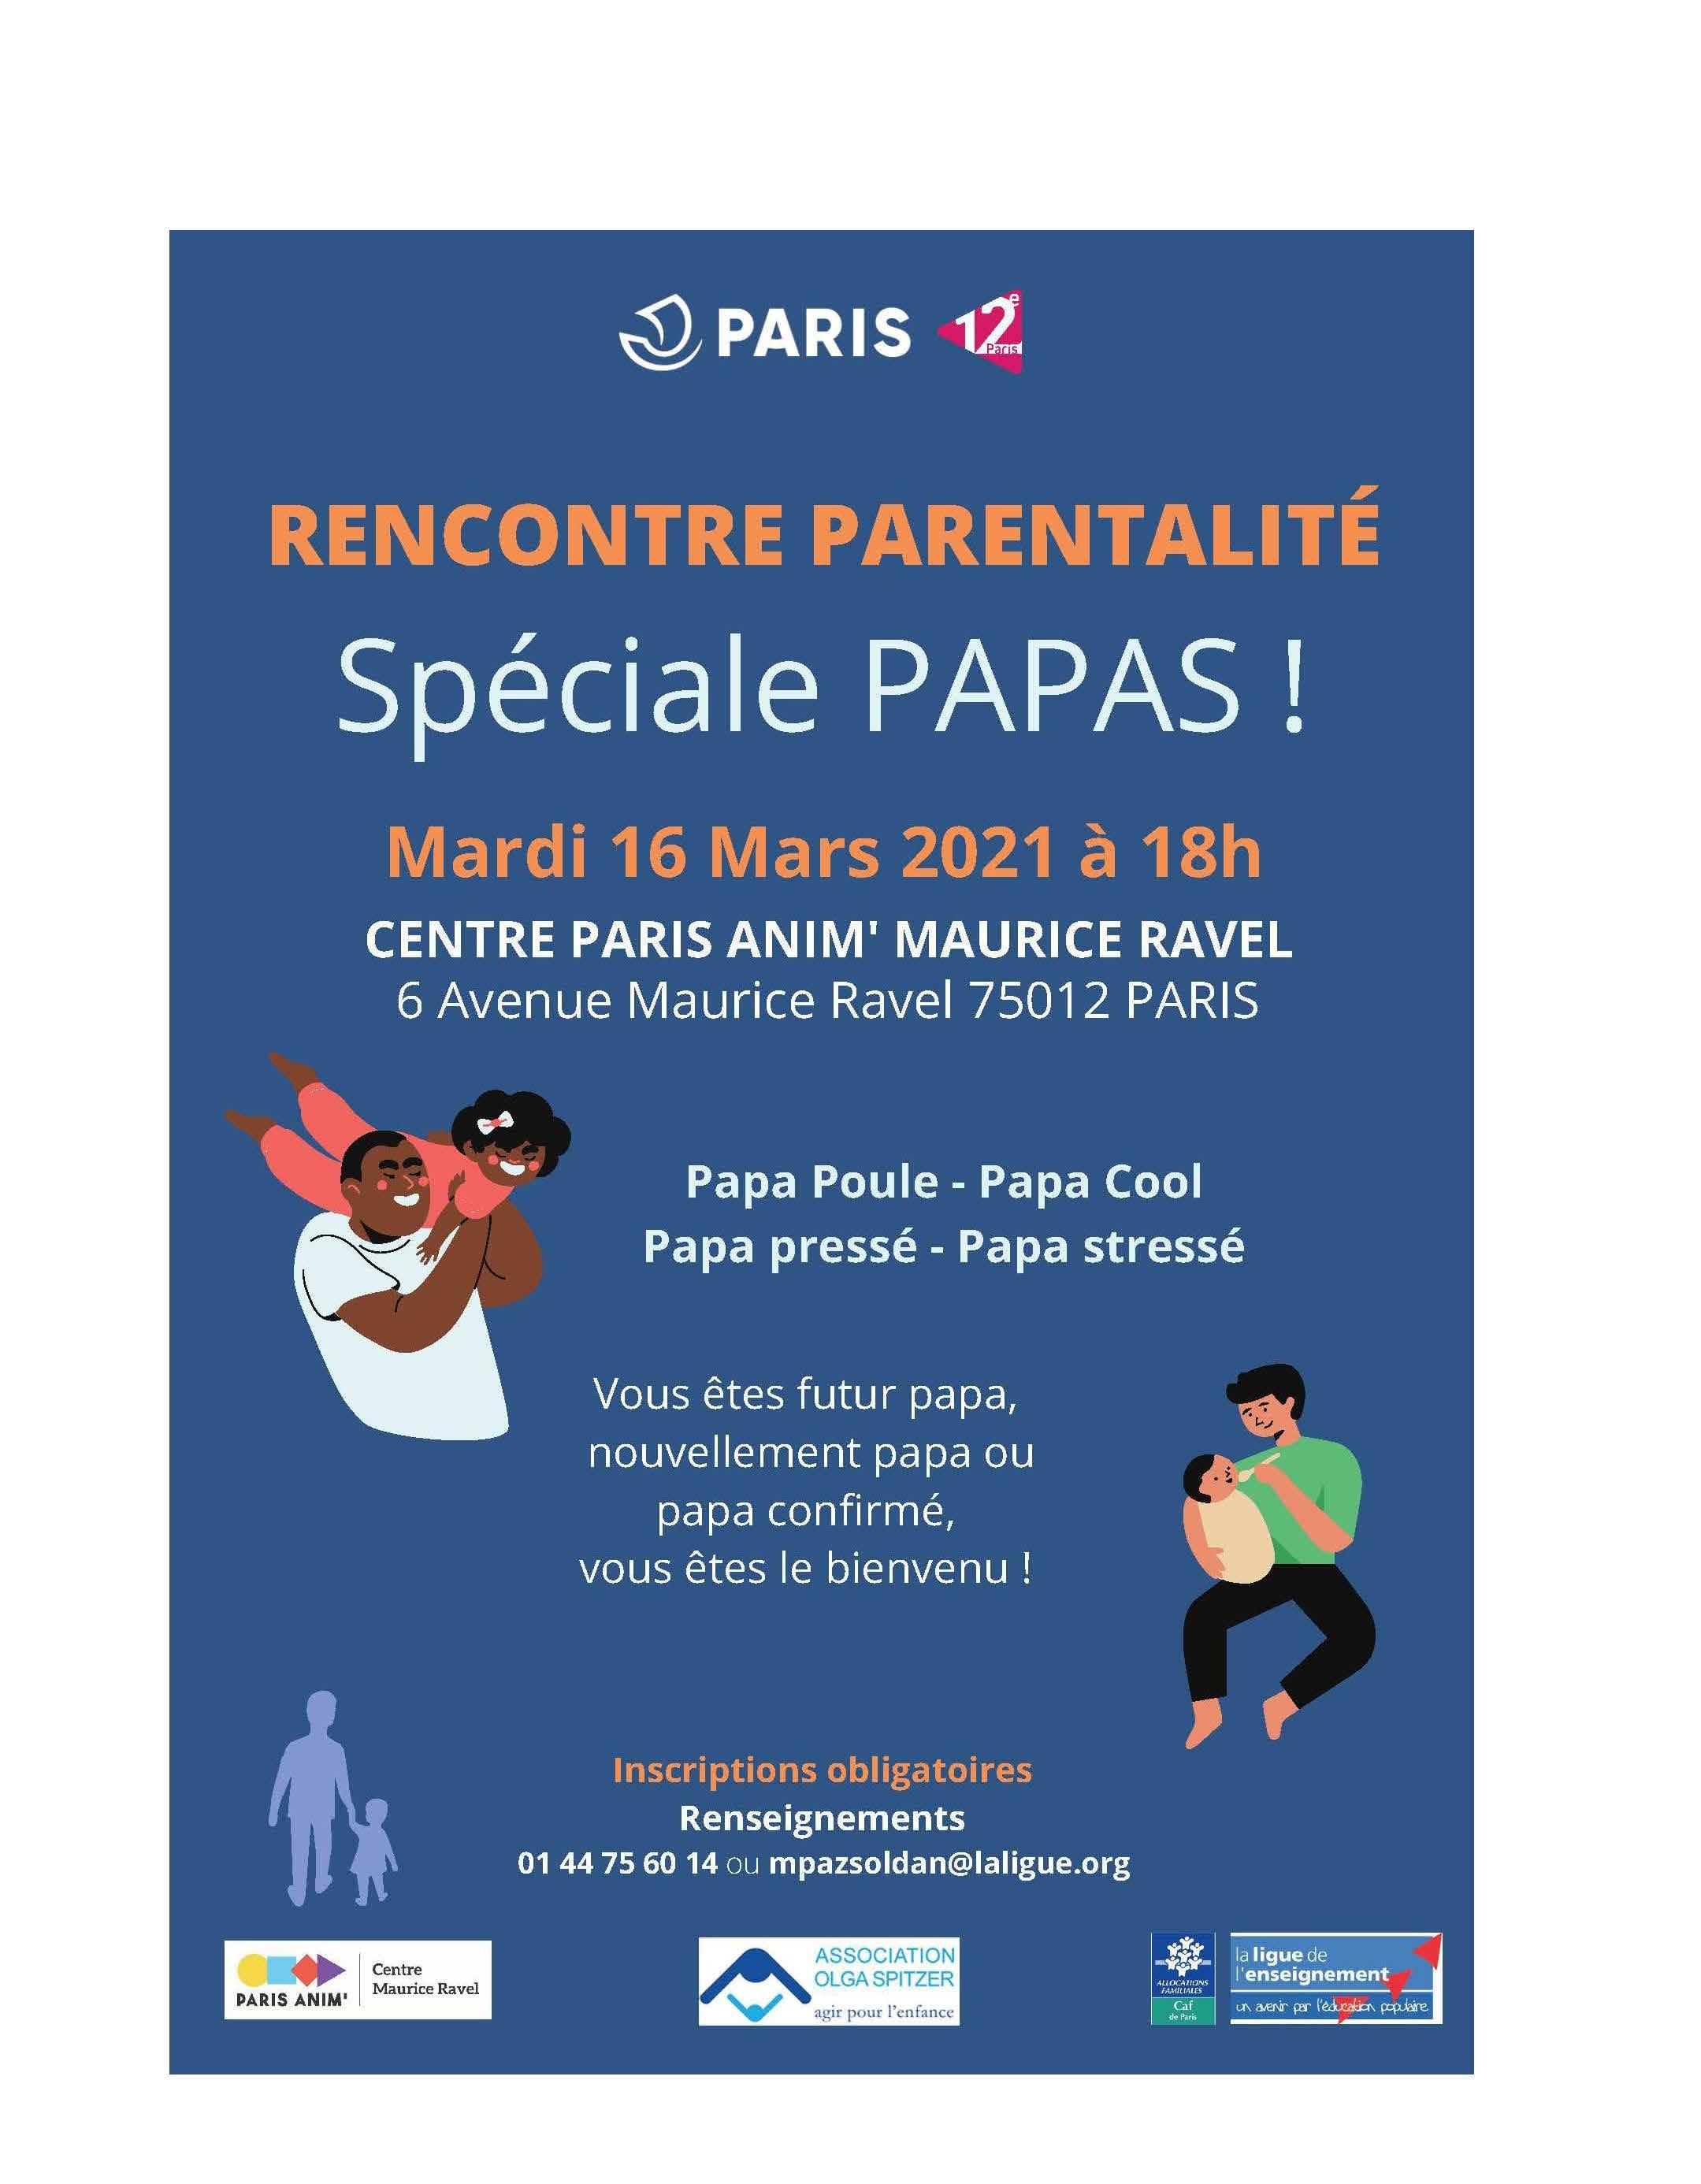 Rencontre parentalité spéciale Papas le mardi 16 mars 2021 à 18h au centre Paris Anim Maurice Clavel